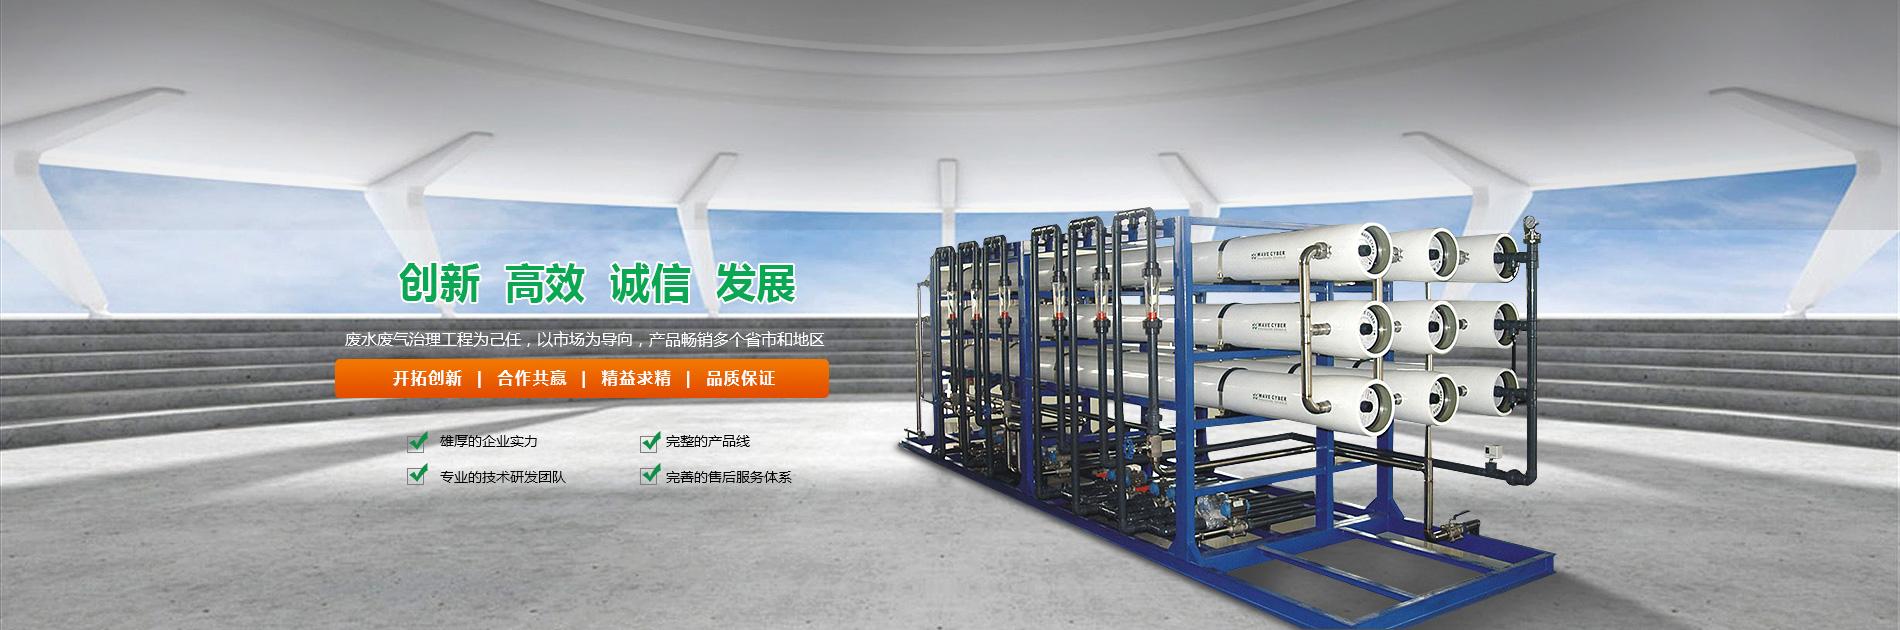 乳化液污水处理设备,工ye废水处理设备-洛yang金贝游xi环保ji术有限公司